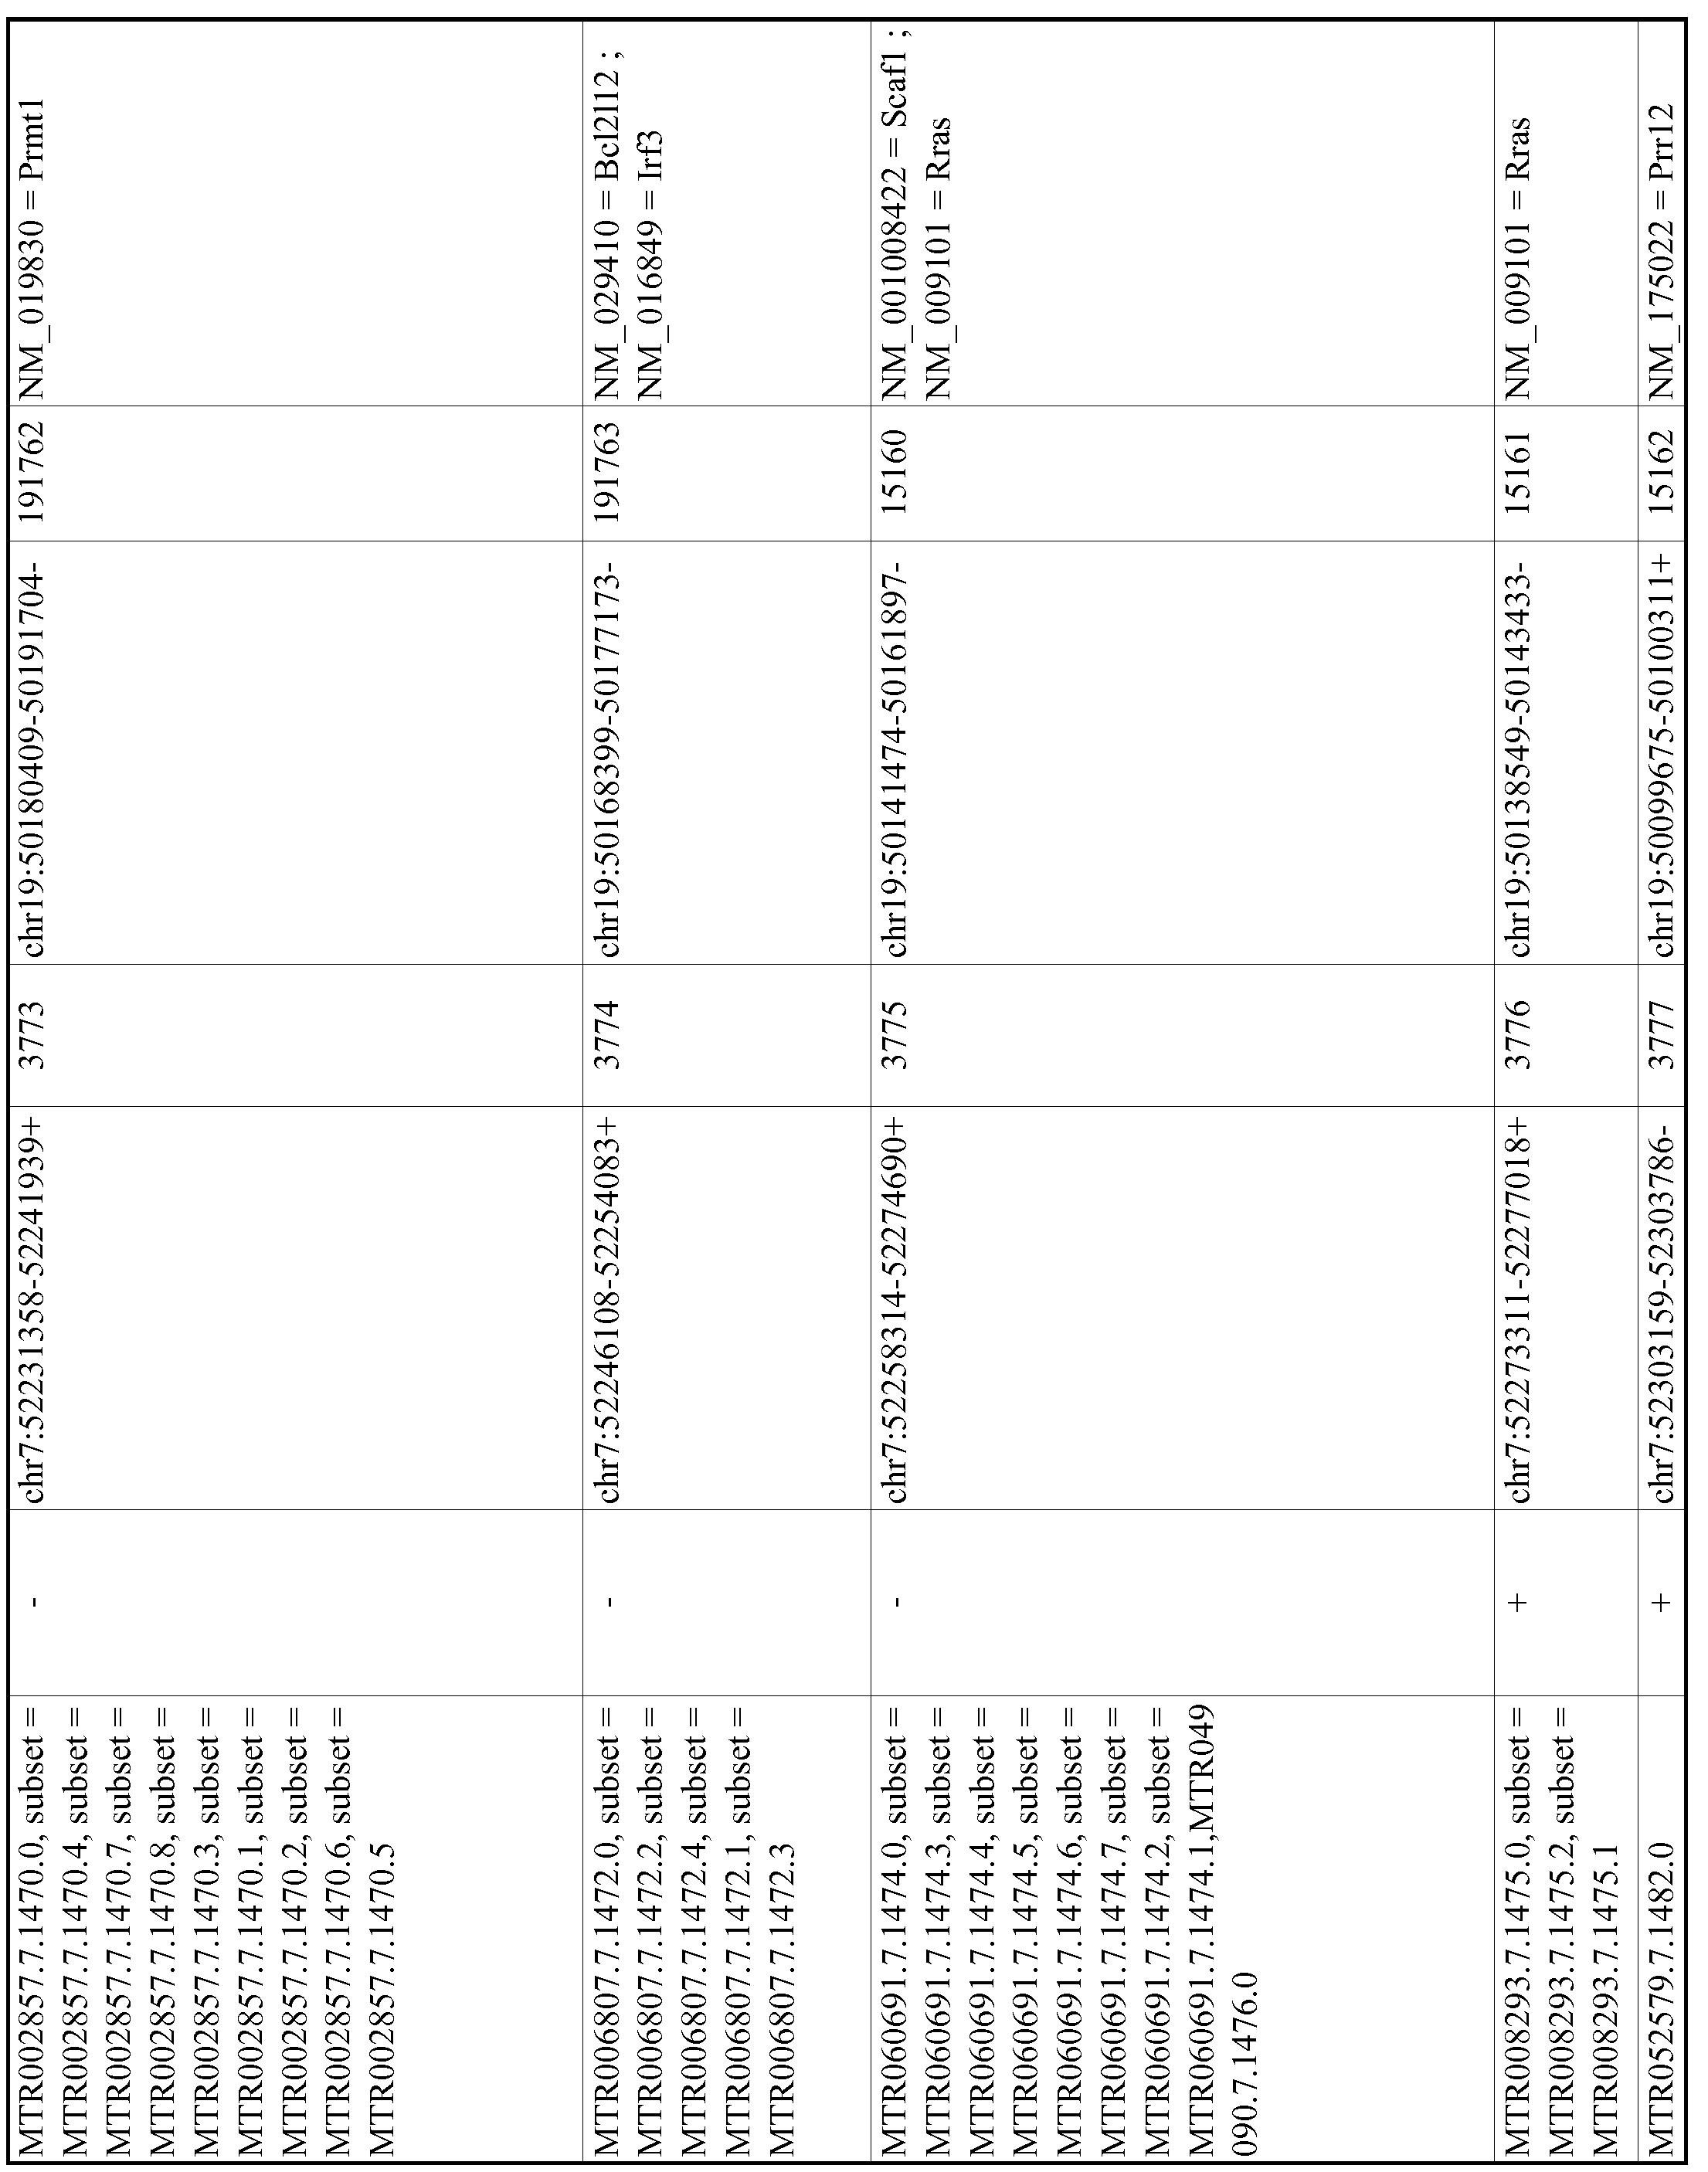 Figure imgf000725_0001